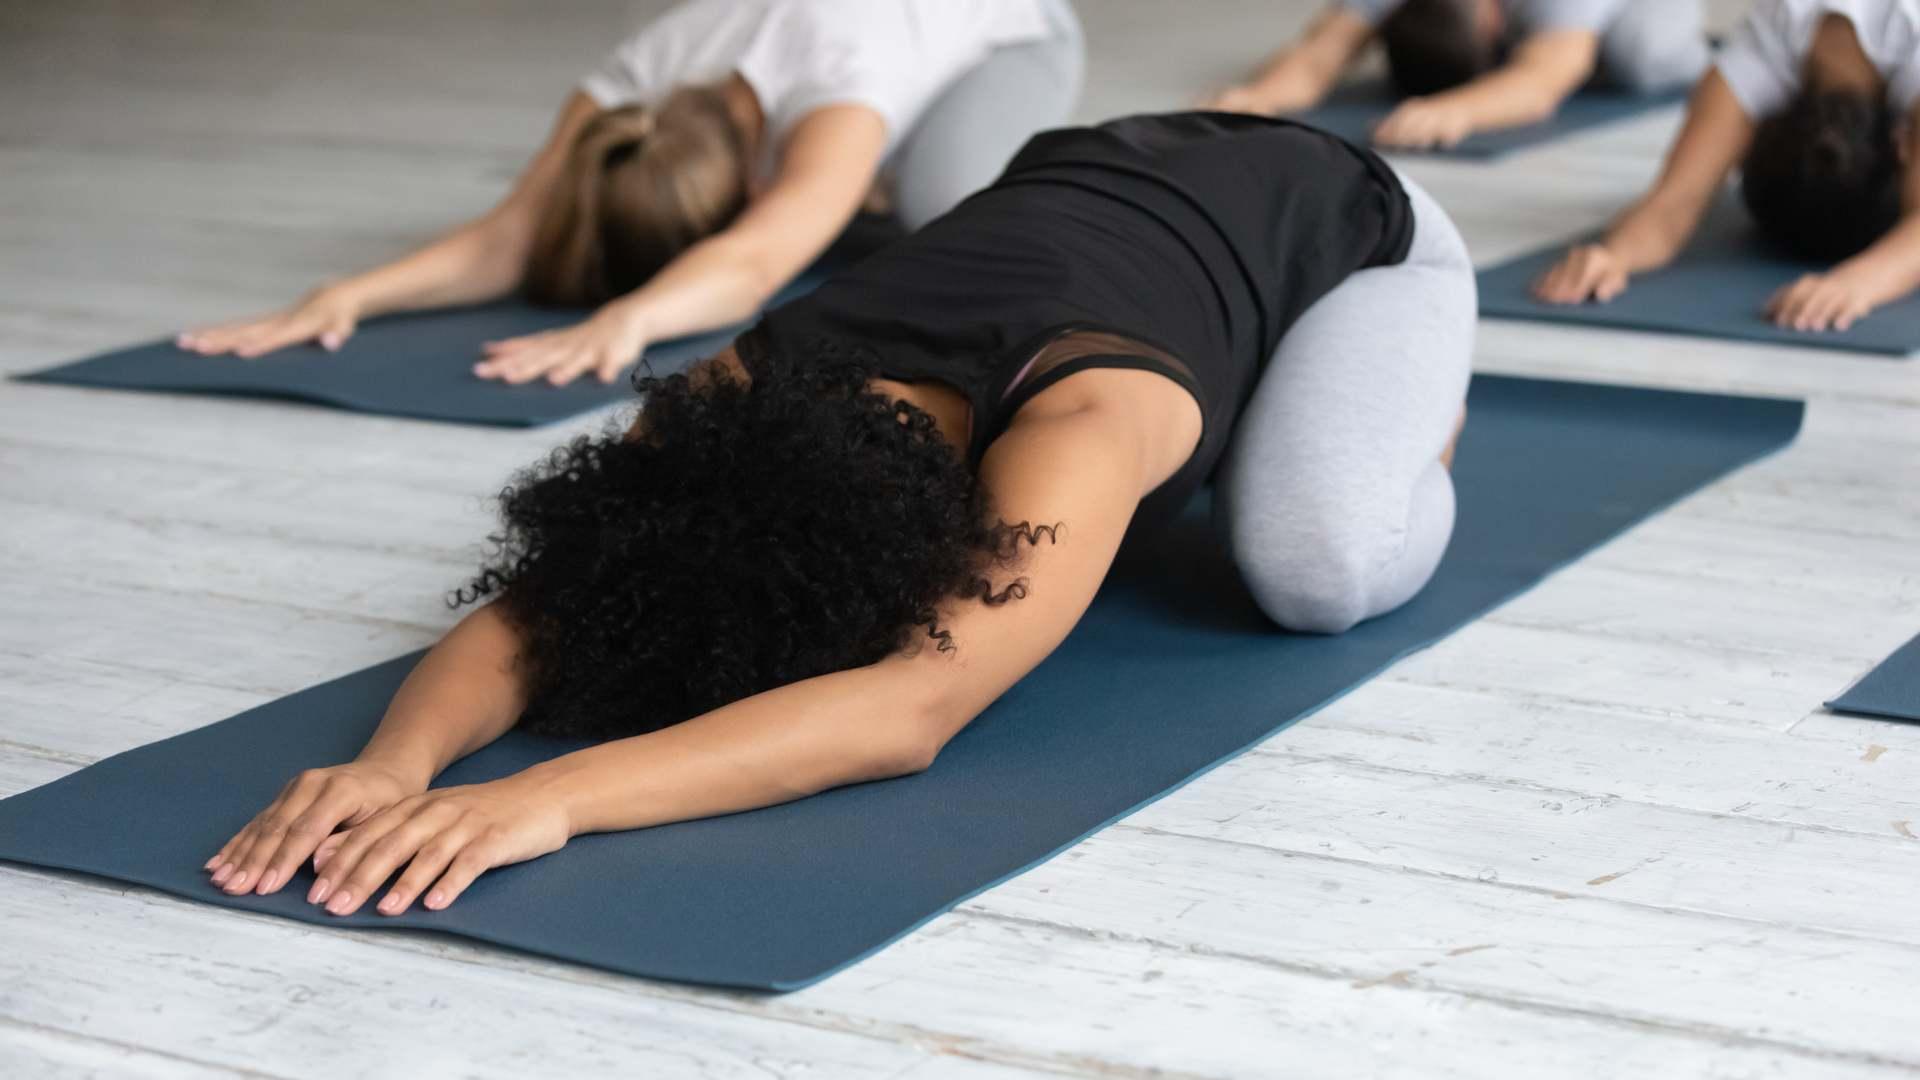 Pessoas fazendo postura de yoga em aula de yoga